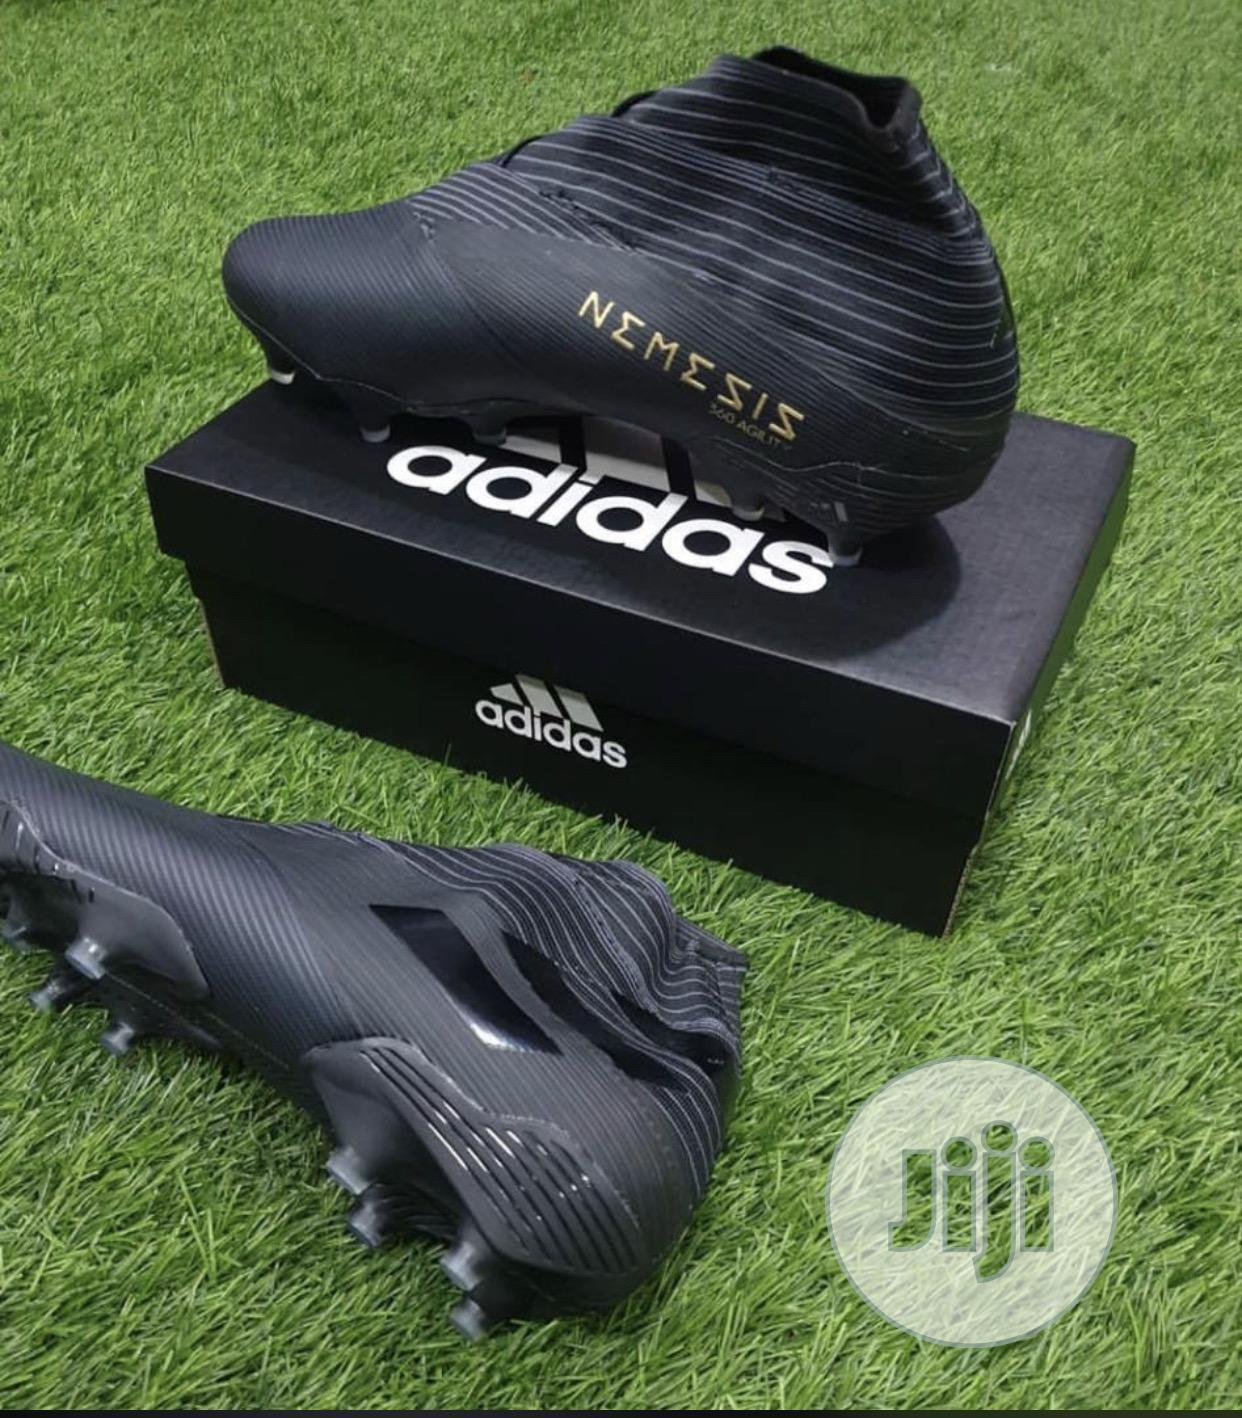 Nemesis Soccer Boot